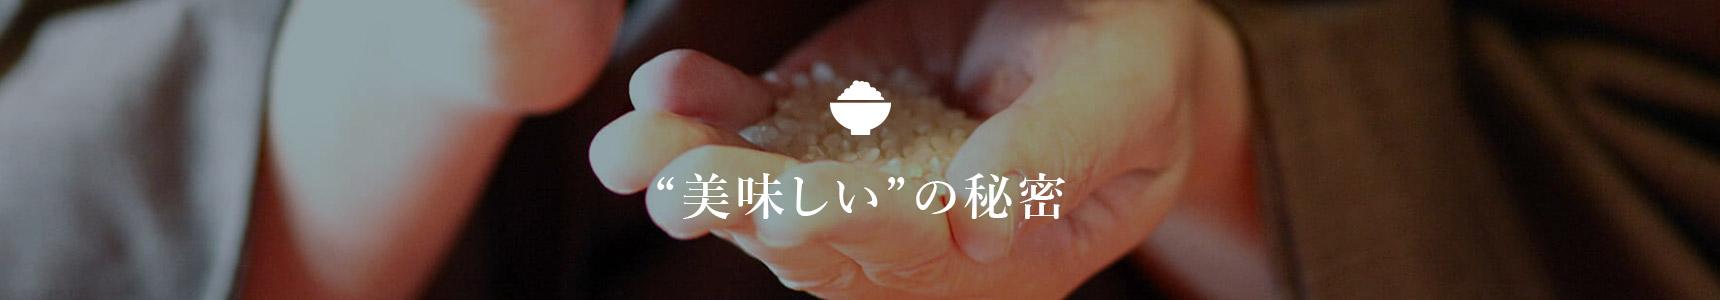 """""""美味しい""""の秘密"""